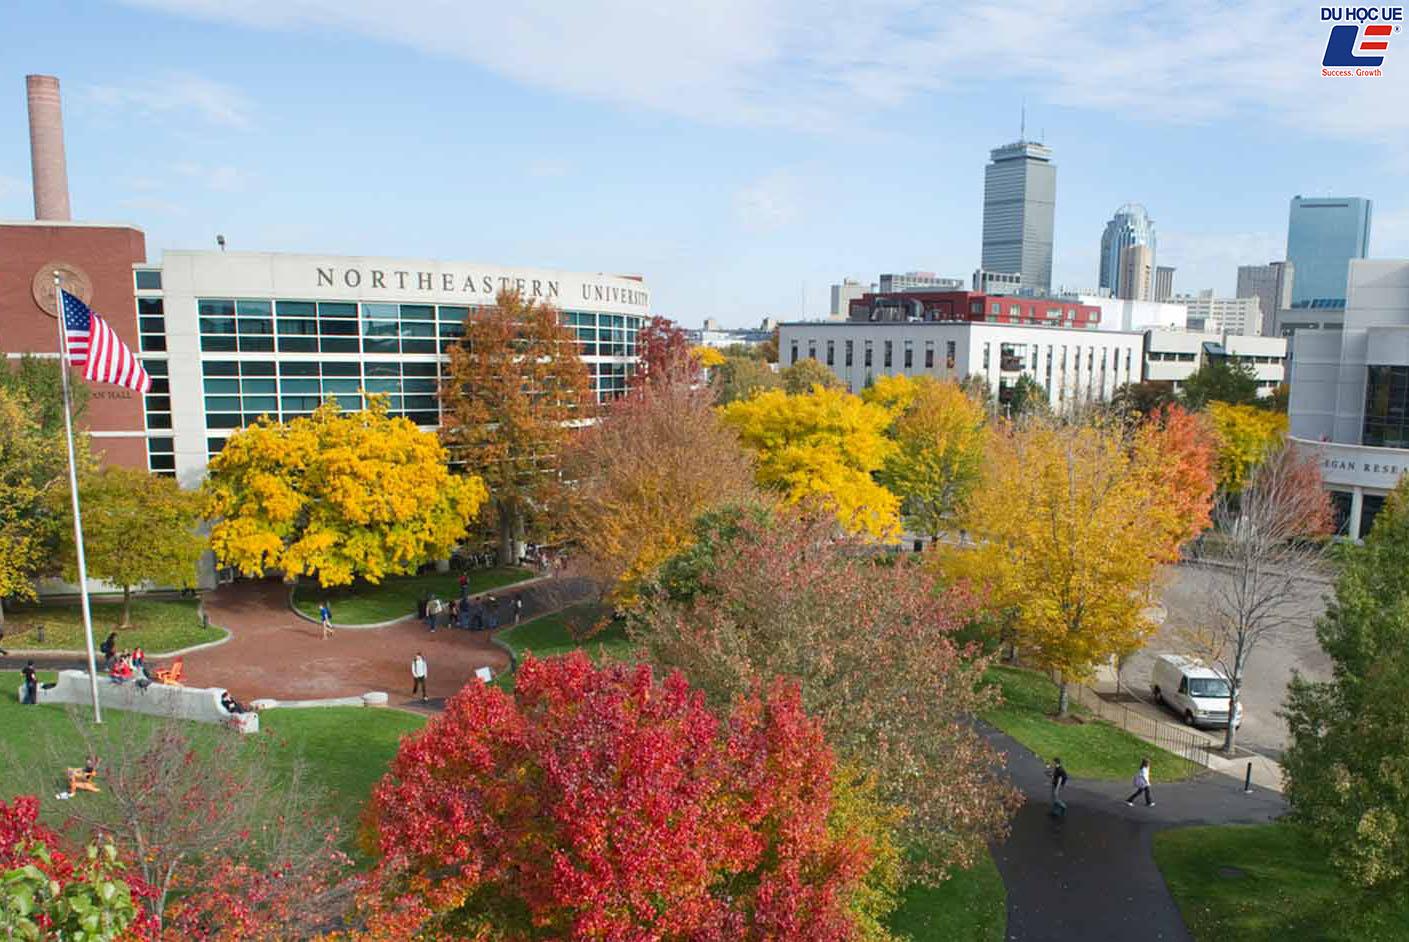 Du học cùng trường Đại học danh giá của Mỹ - Northeastern University